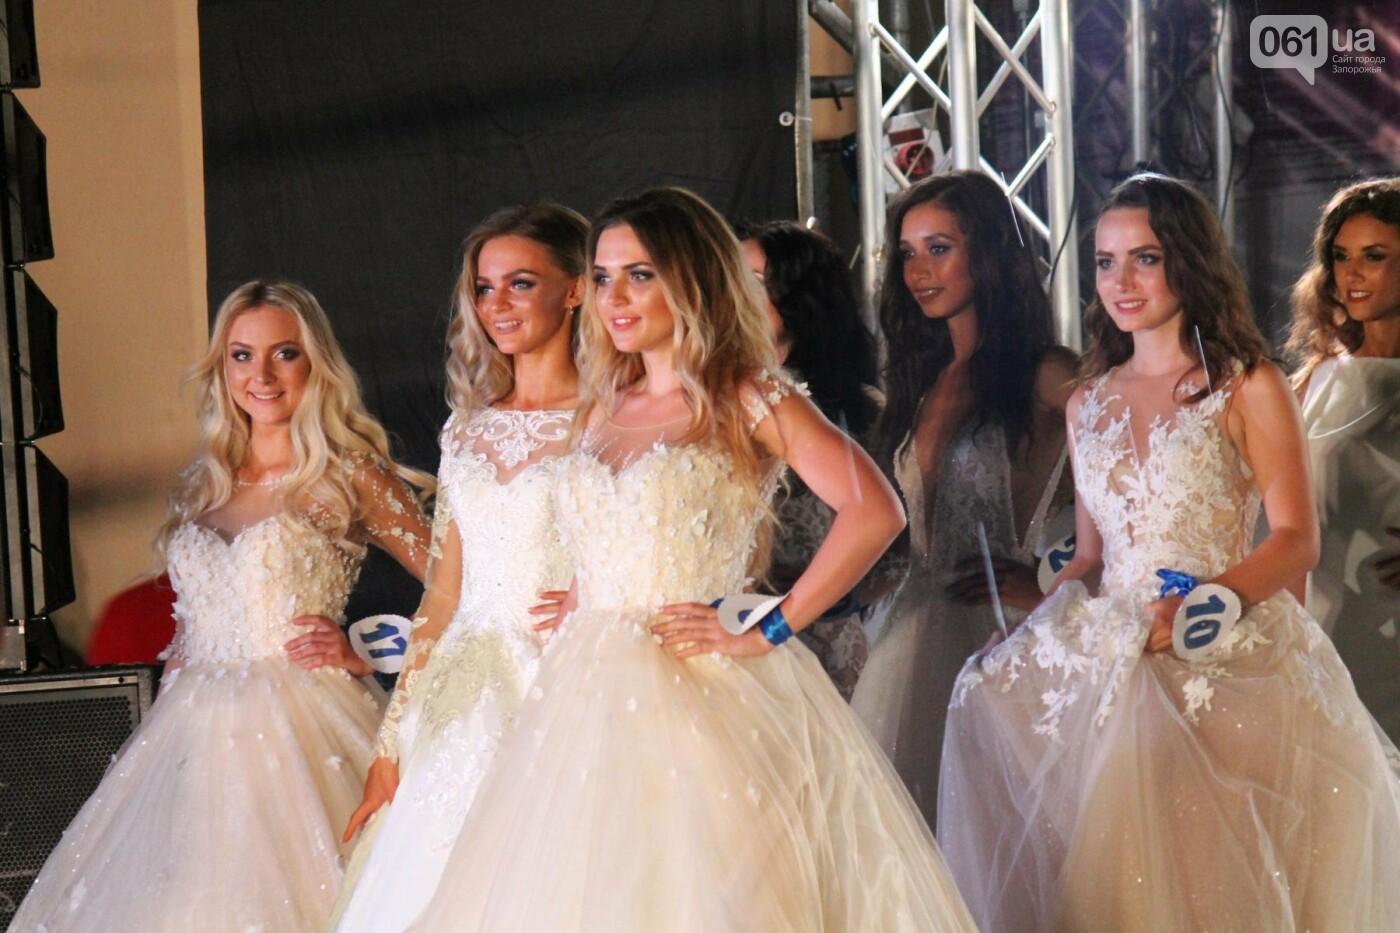 «Miss AVRORA Summer 2018»: в Запорожье на конкурсе красоты выбрали самую красивую девушку, – ФОТОРЕПОРТАЖ, фото-3